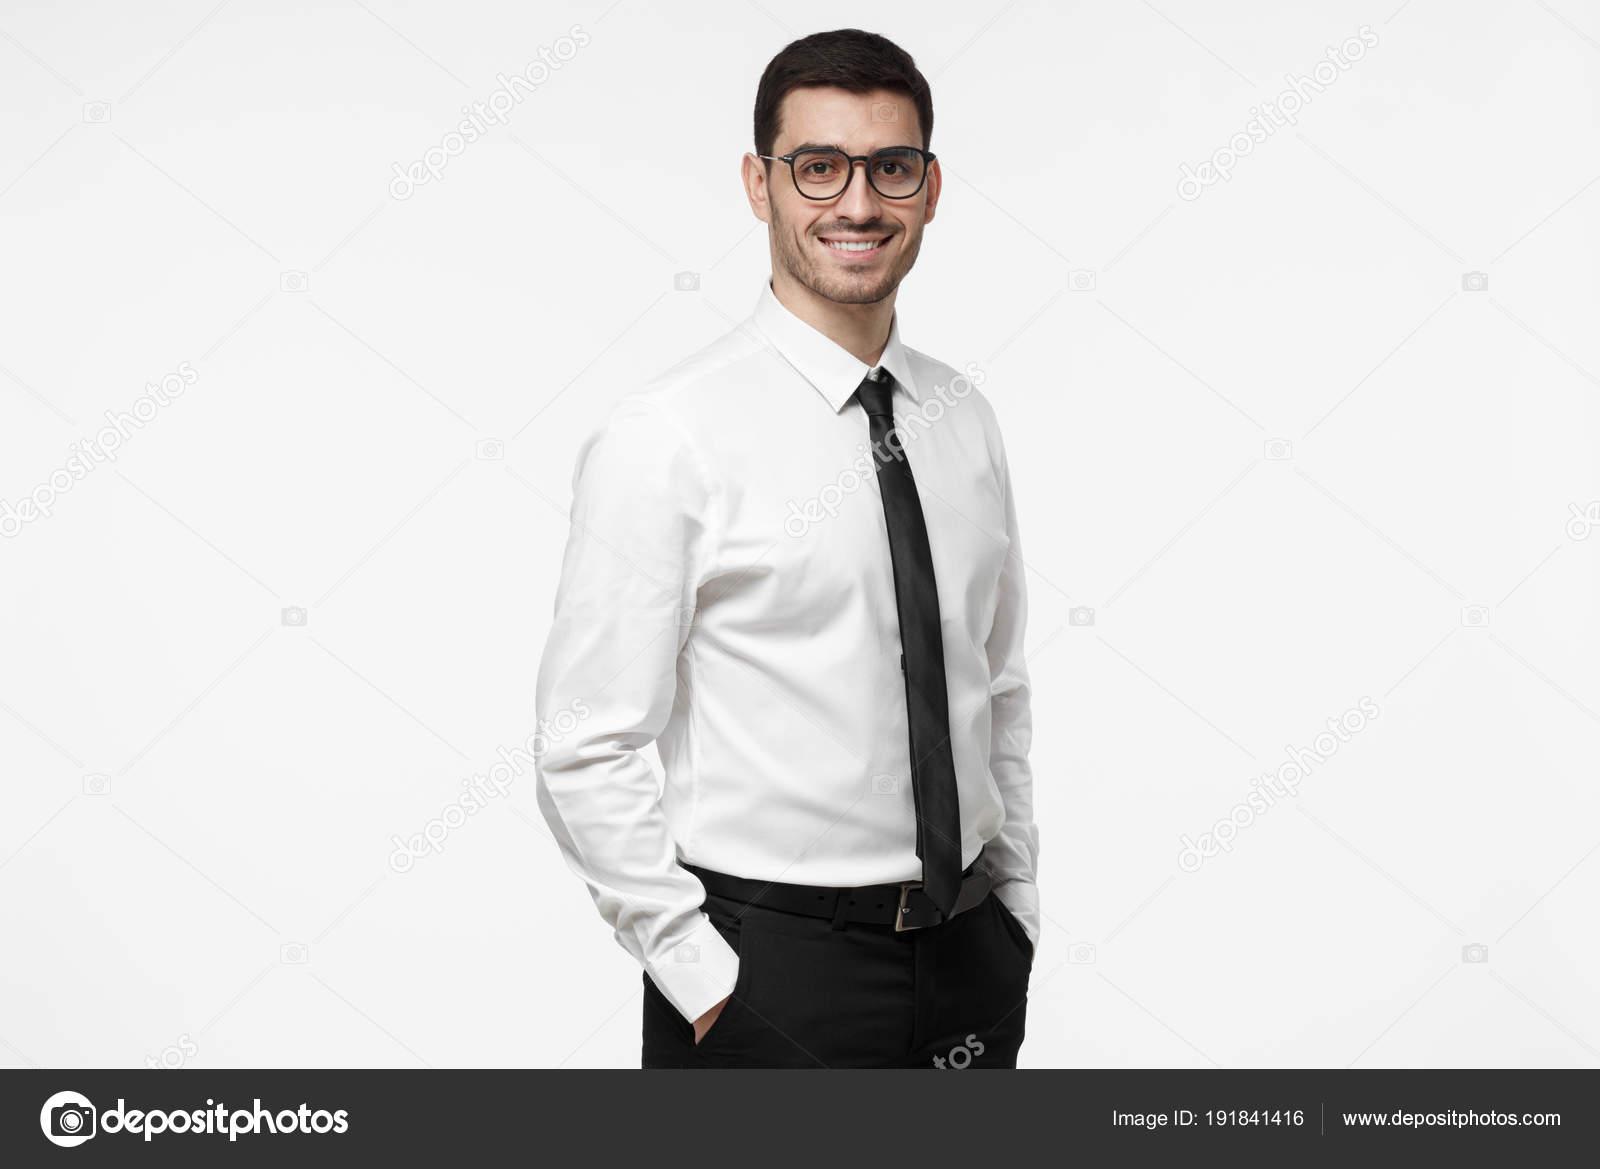 Abbigliamento Ufficio Uomo : Uomo di affari di yong o dipendente aziendale isolato su sfondo